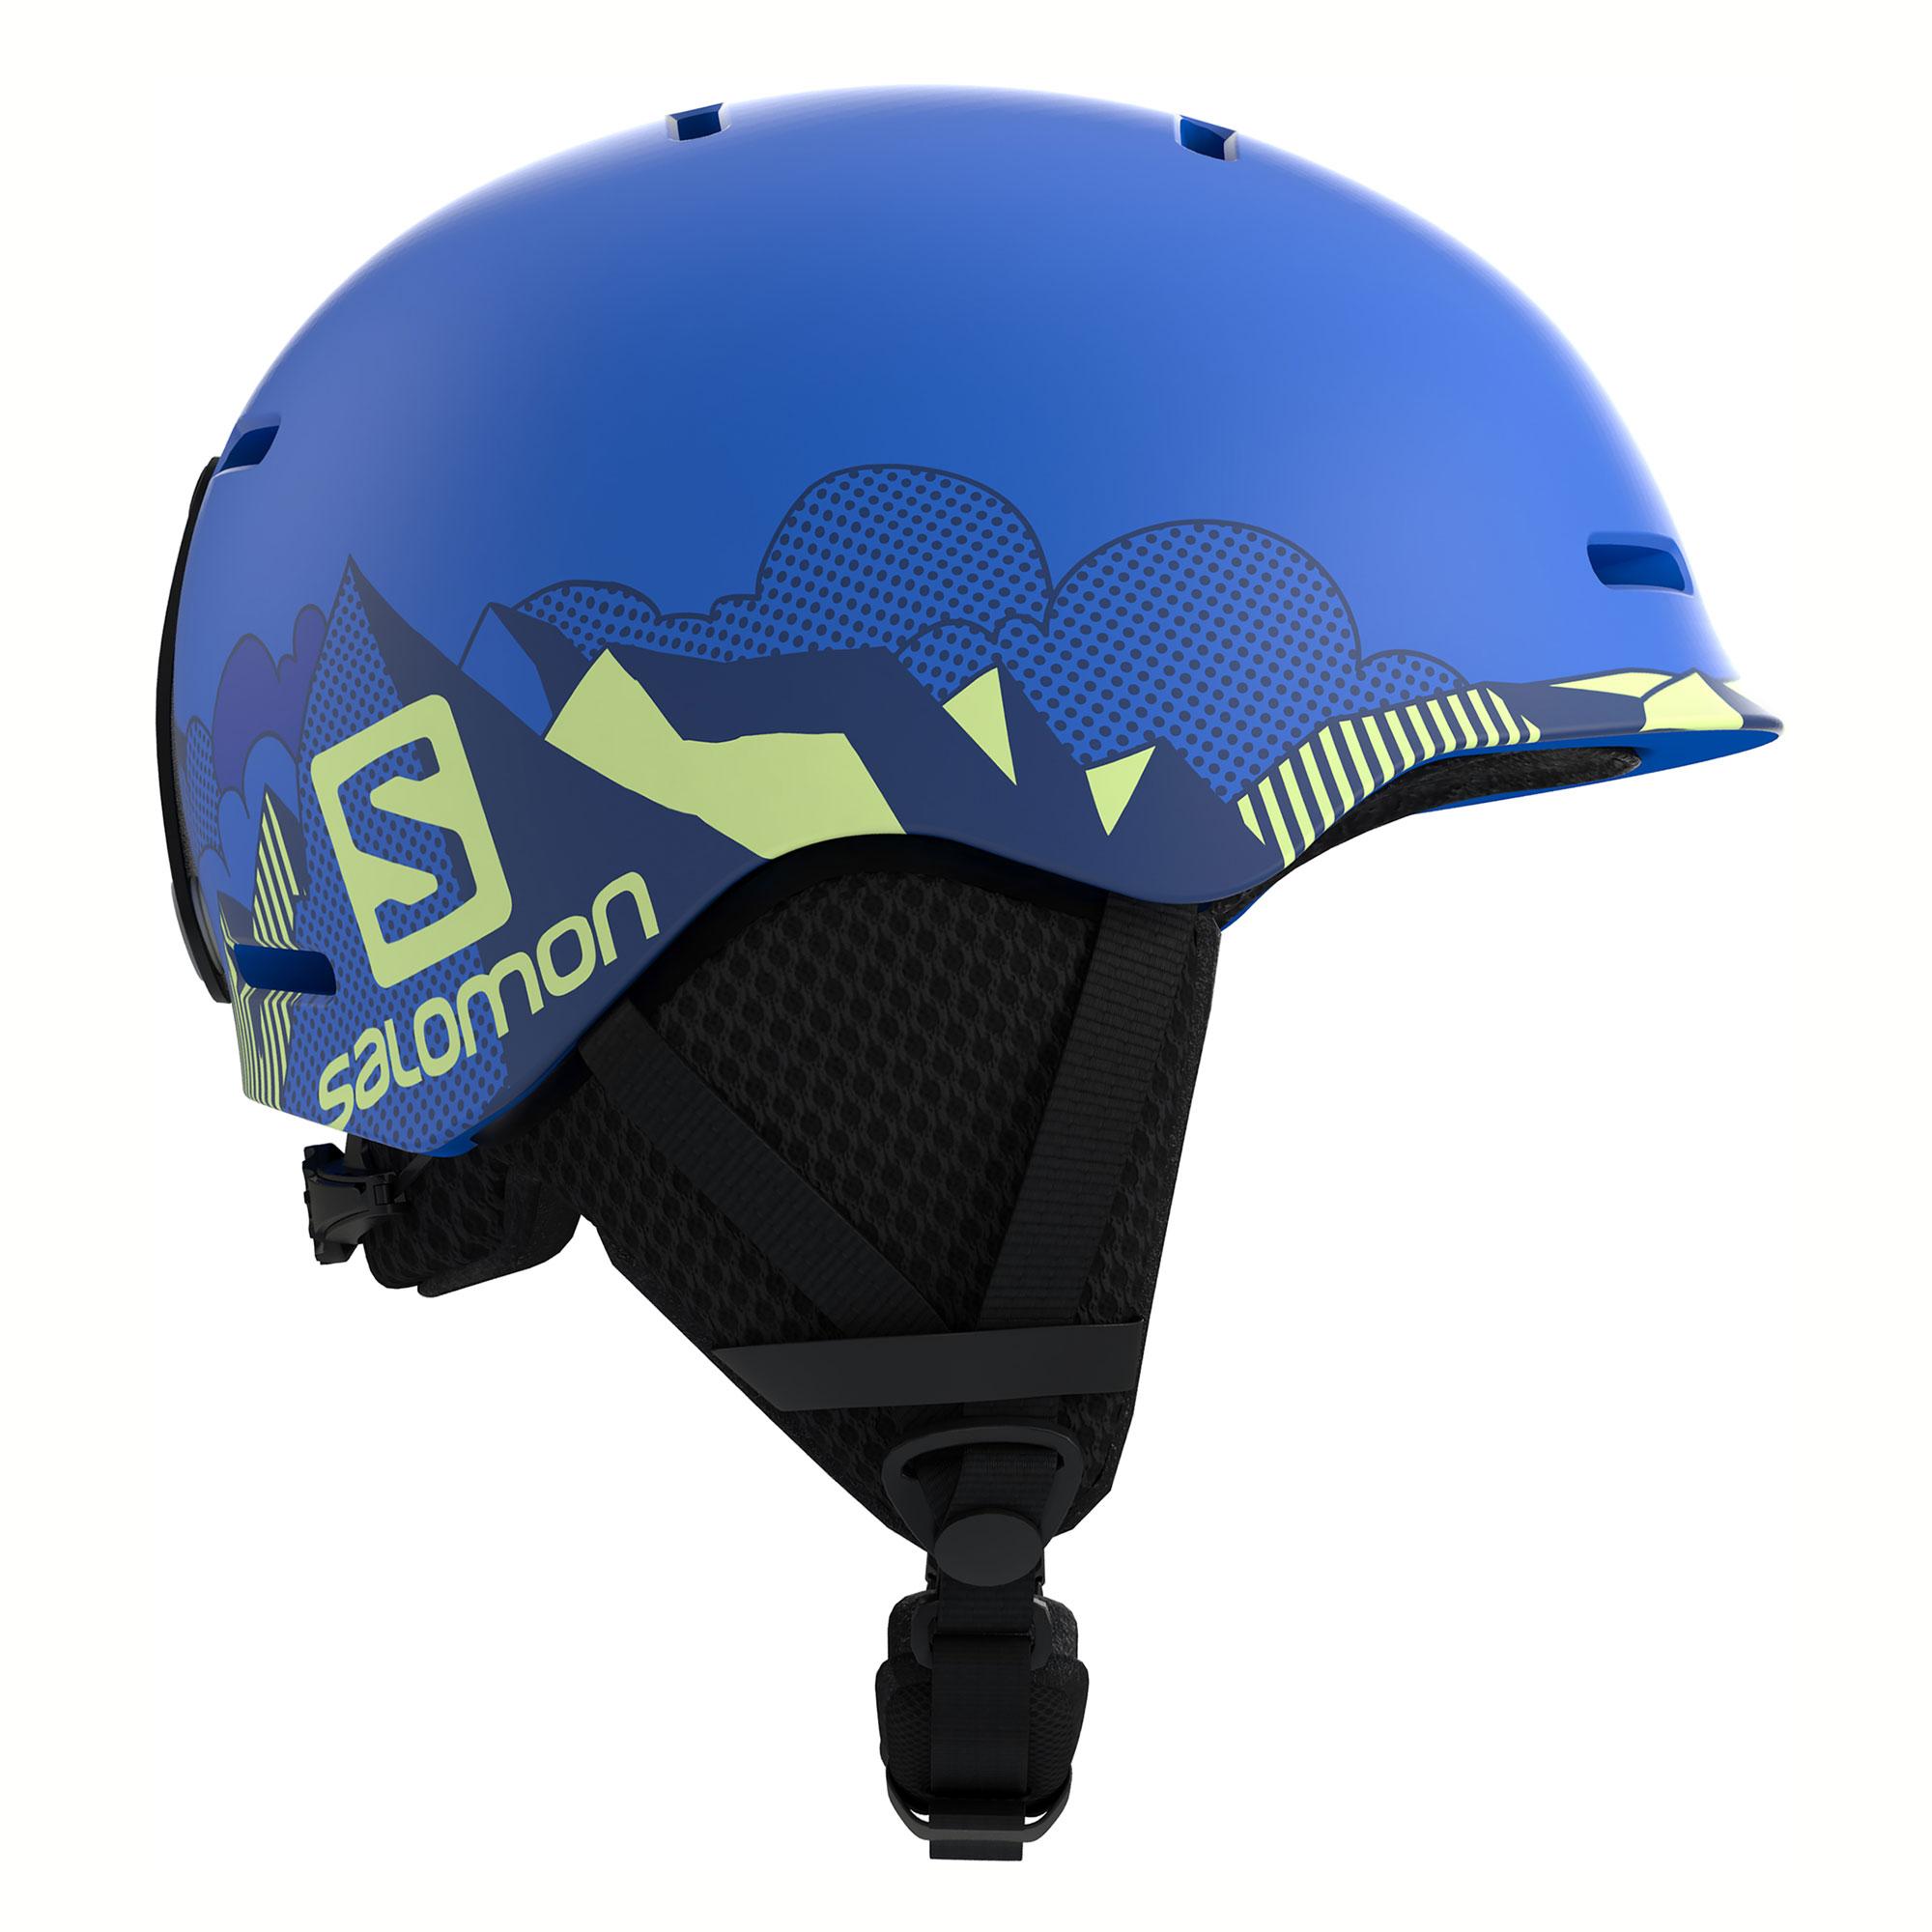 SKI KACIGA SALOMON GROM POP BLUE MAT